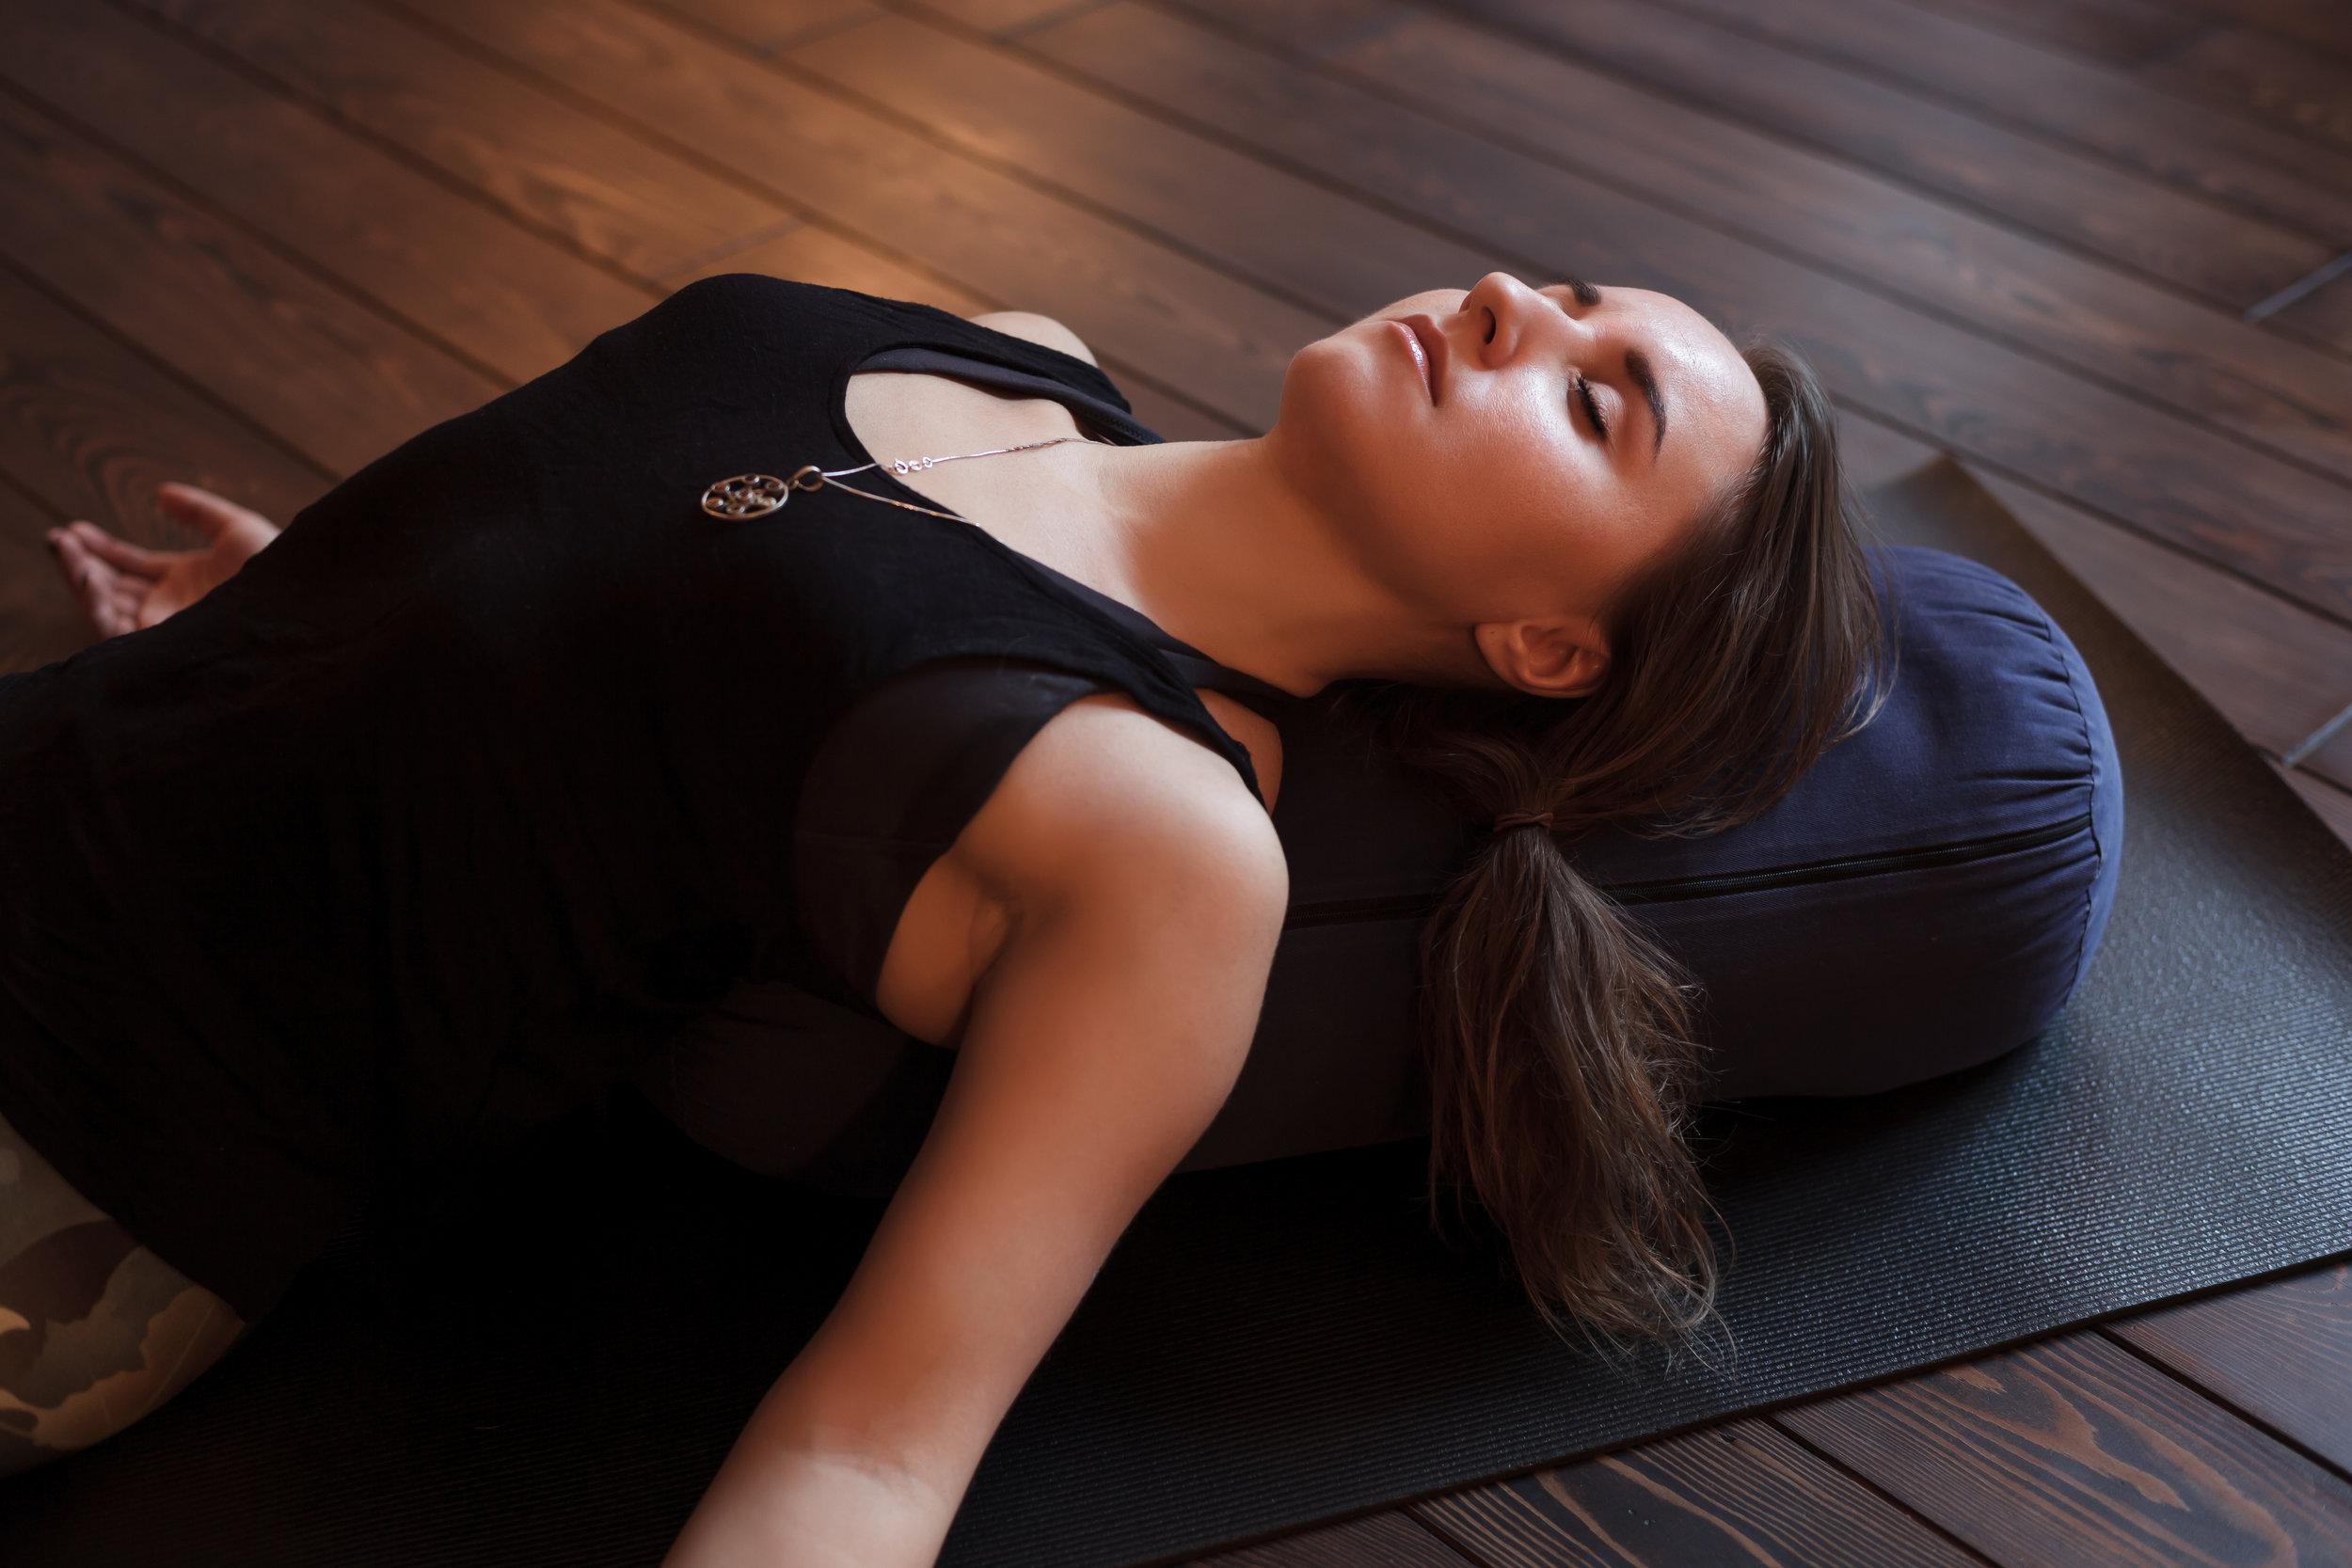 COURS PARTICULIERS - Vous débutez et voulez être tout de suite corrigé pour prendre de bonnes habitudes ? Vous avez une condition physique qui vous empêche de suivre des cours collectifs en salle ? Vous voulez vous offrir un moment rien que pour vous, pour approfondir votre pratique, pour repartir avec un programme personnalisé, ou tout simplement vous sentir accompagné et soutenu sur votre chemin : rien de mieux qu'un cours particulier. Je vous propose des cours particuliers de yoga, yoga-thérapie et yoga pré/postnatal, sur un format entre 1H et 2h30 selon vos besoins.